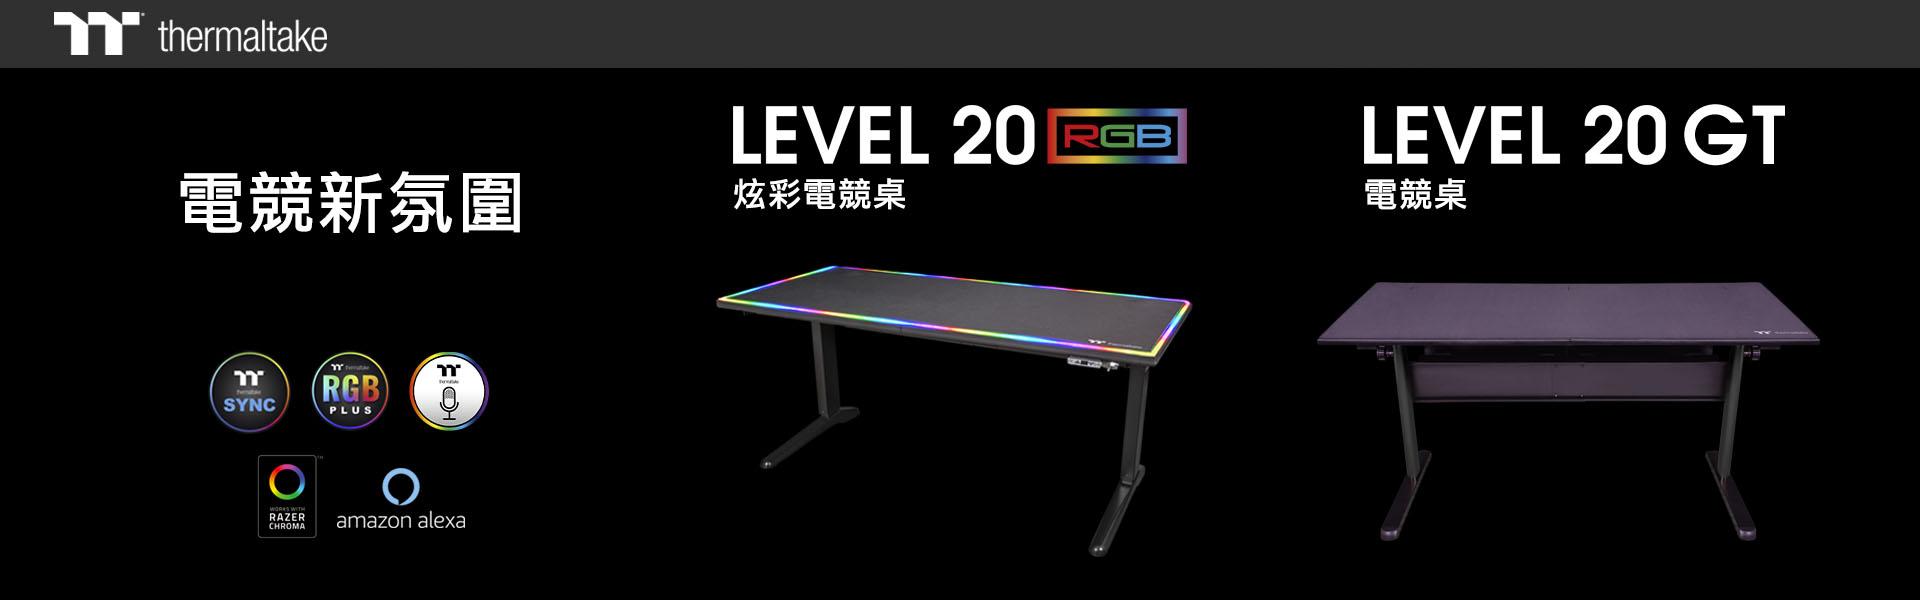 曜越CES 2019展出Level 20 RGB和Level 20 GT BattleStation電競桌_1